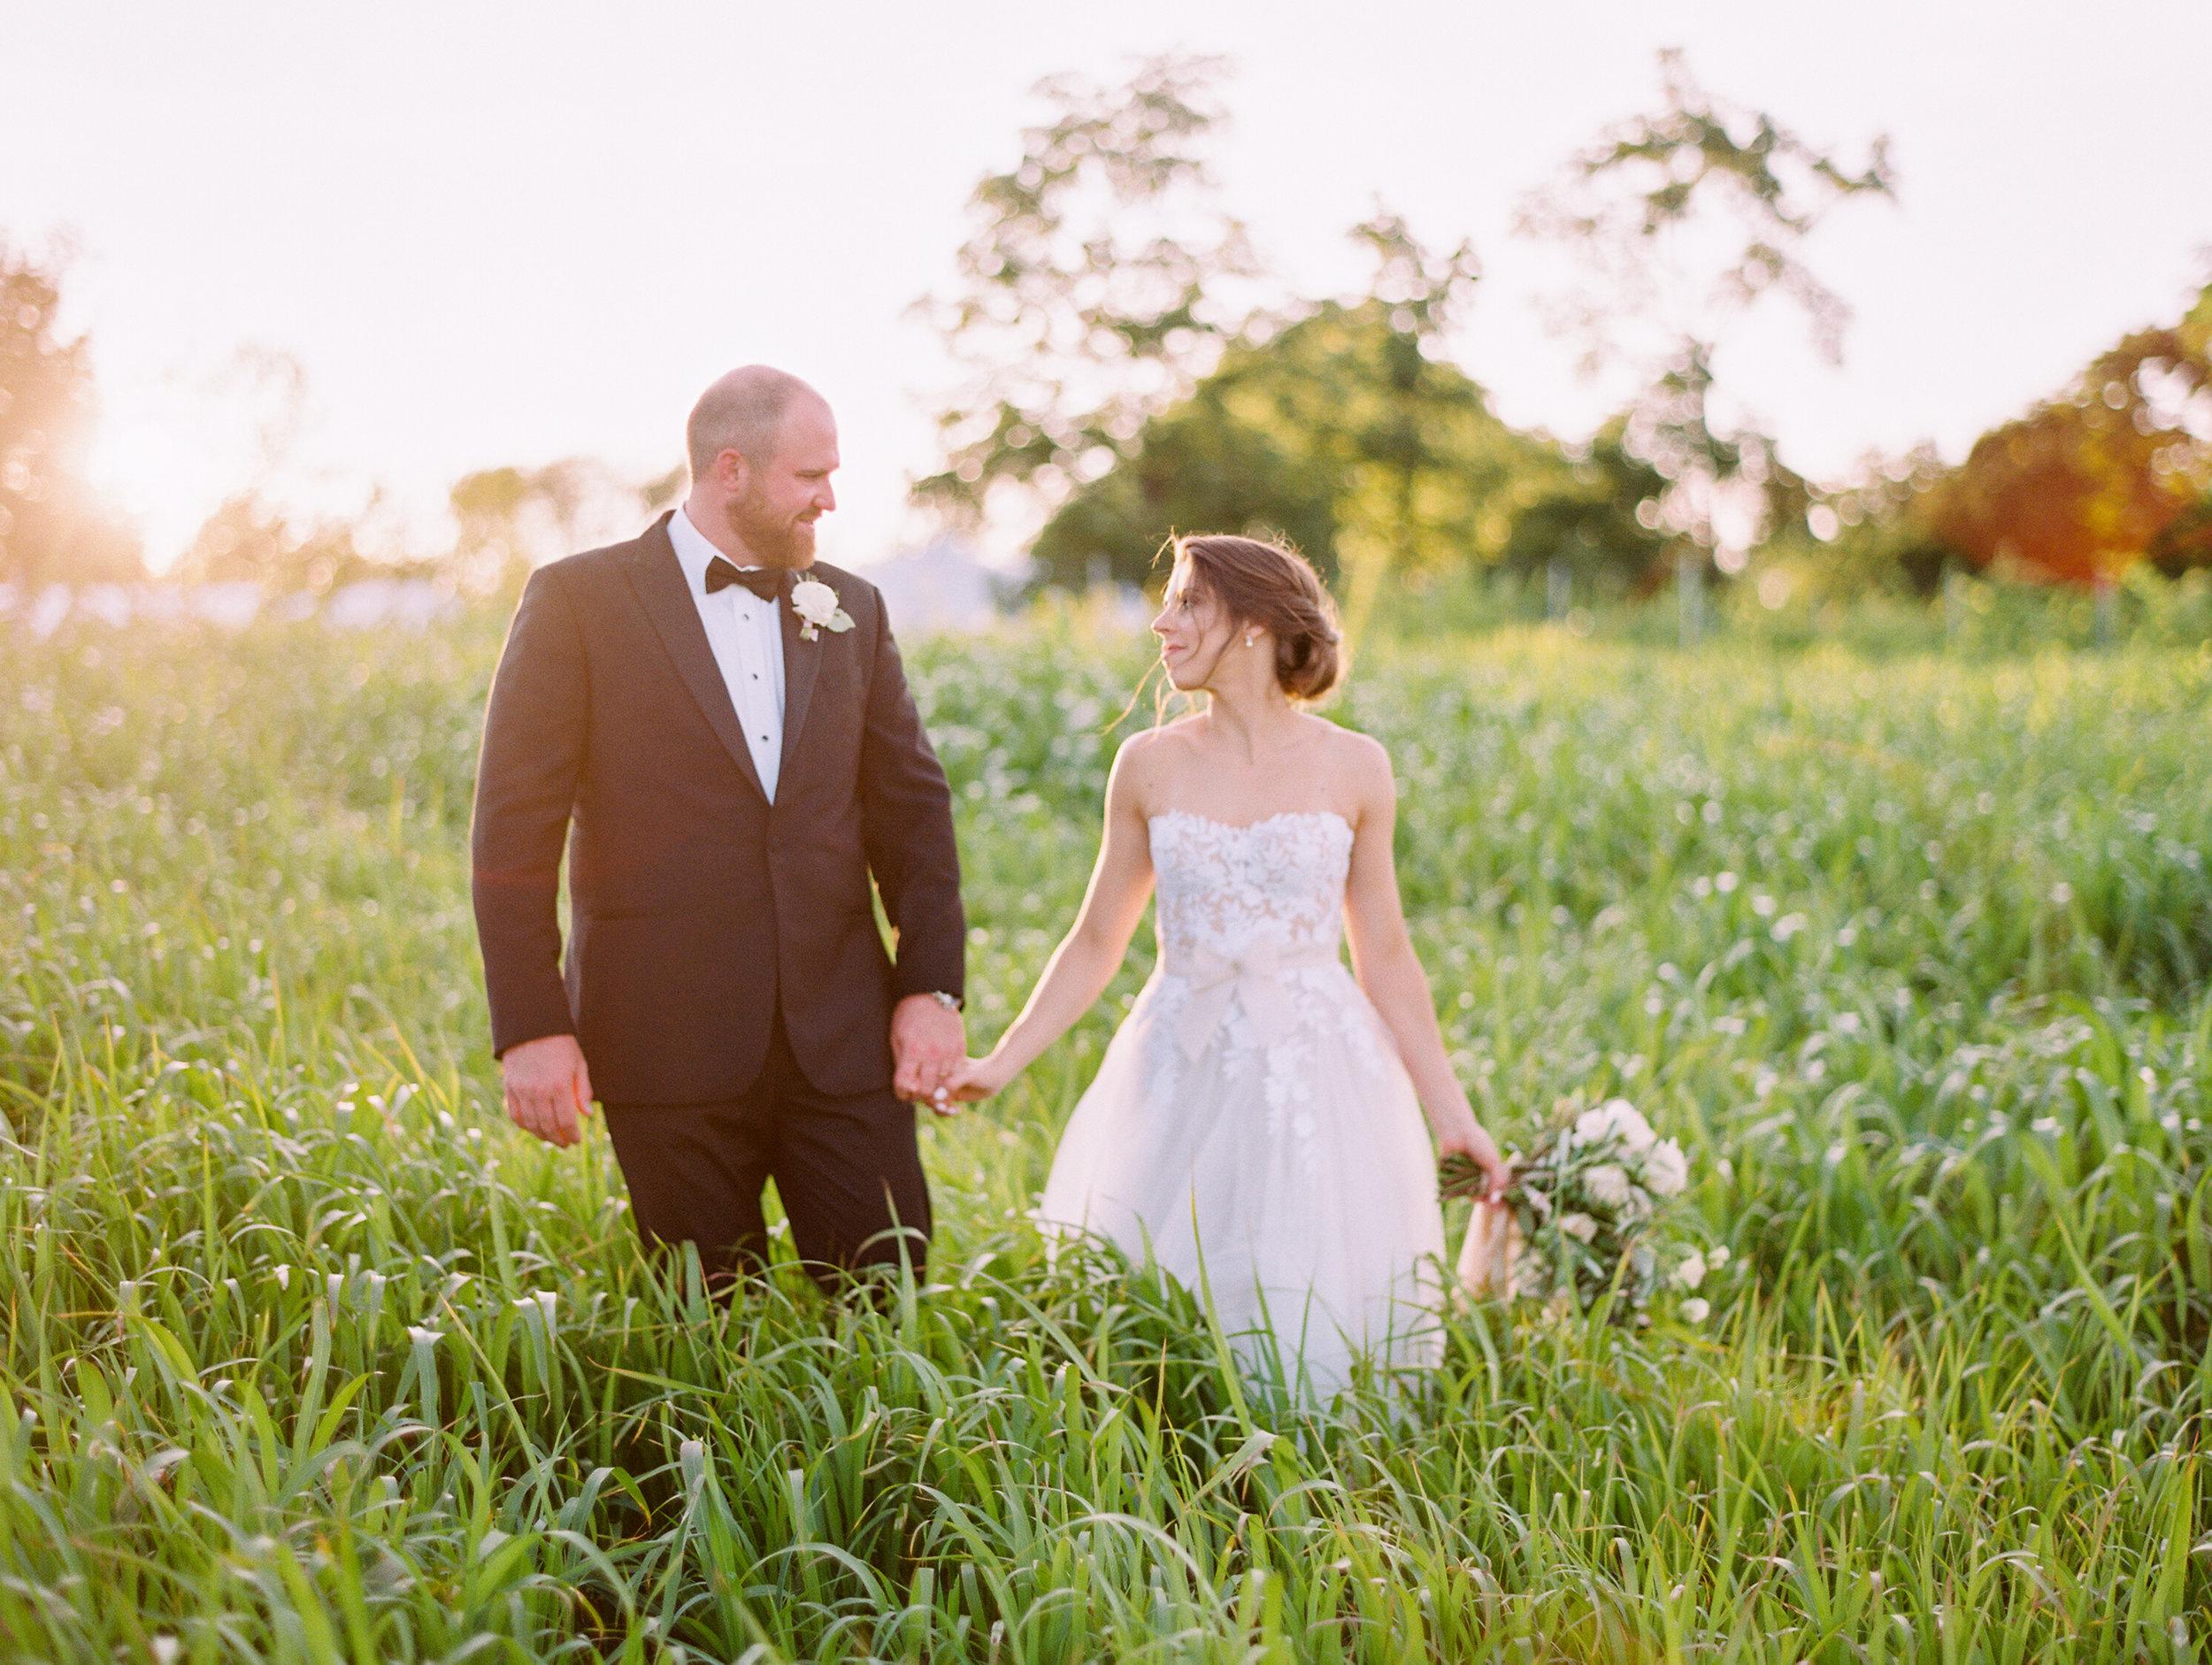 Steinlage+Wedding+Reception+Bride+Groom-48.jpg